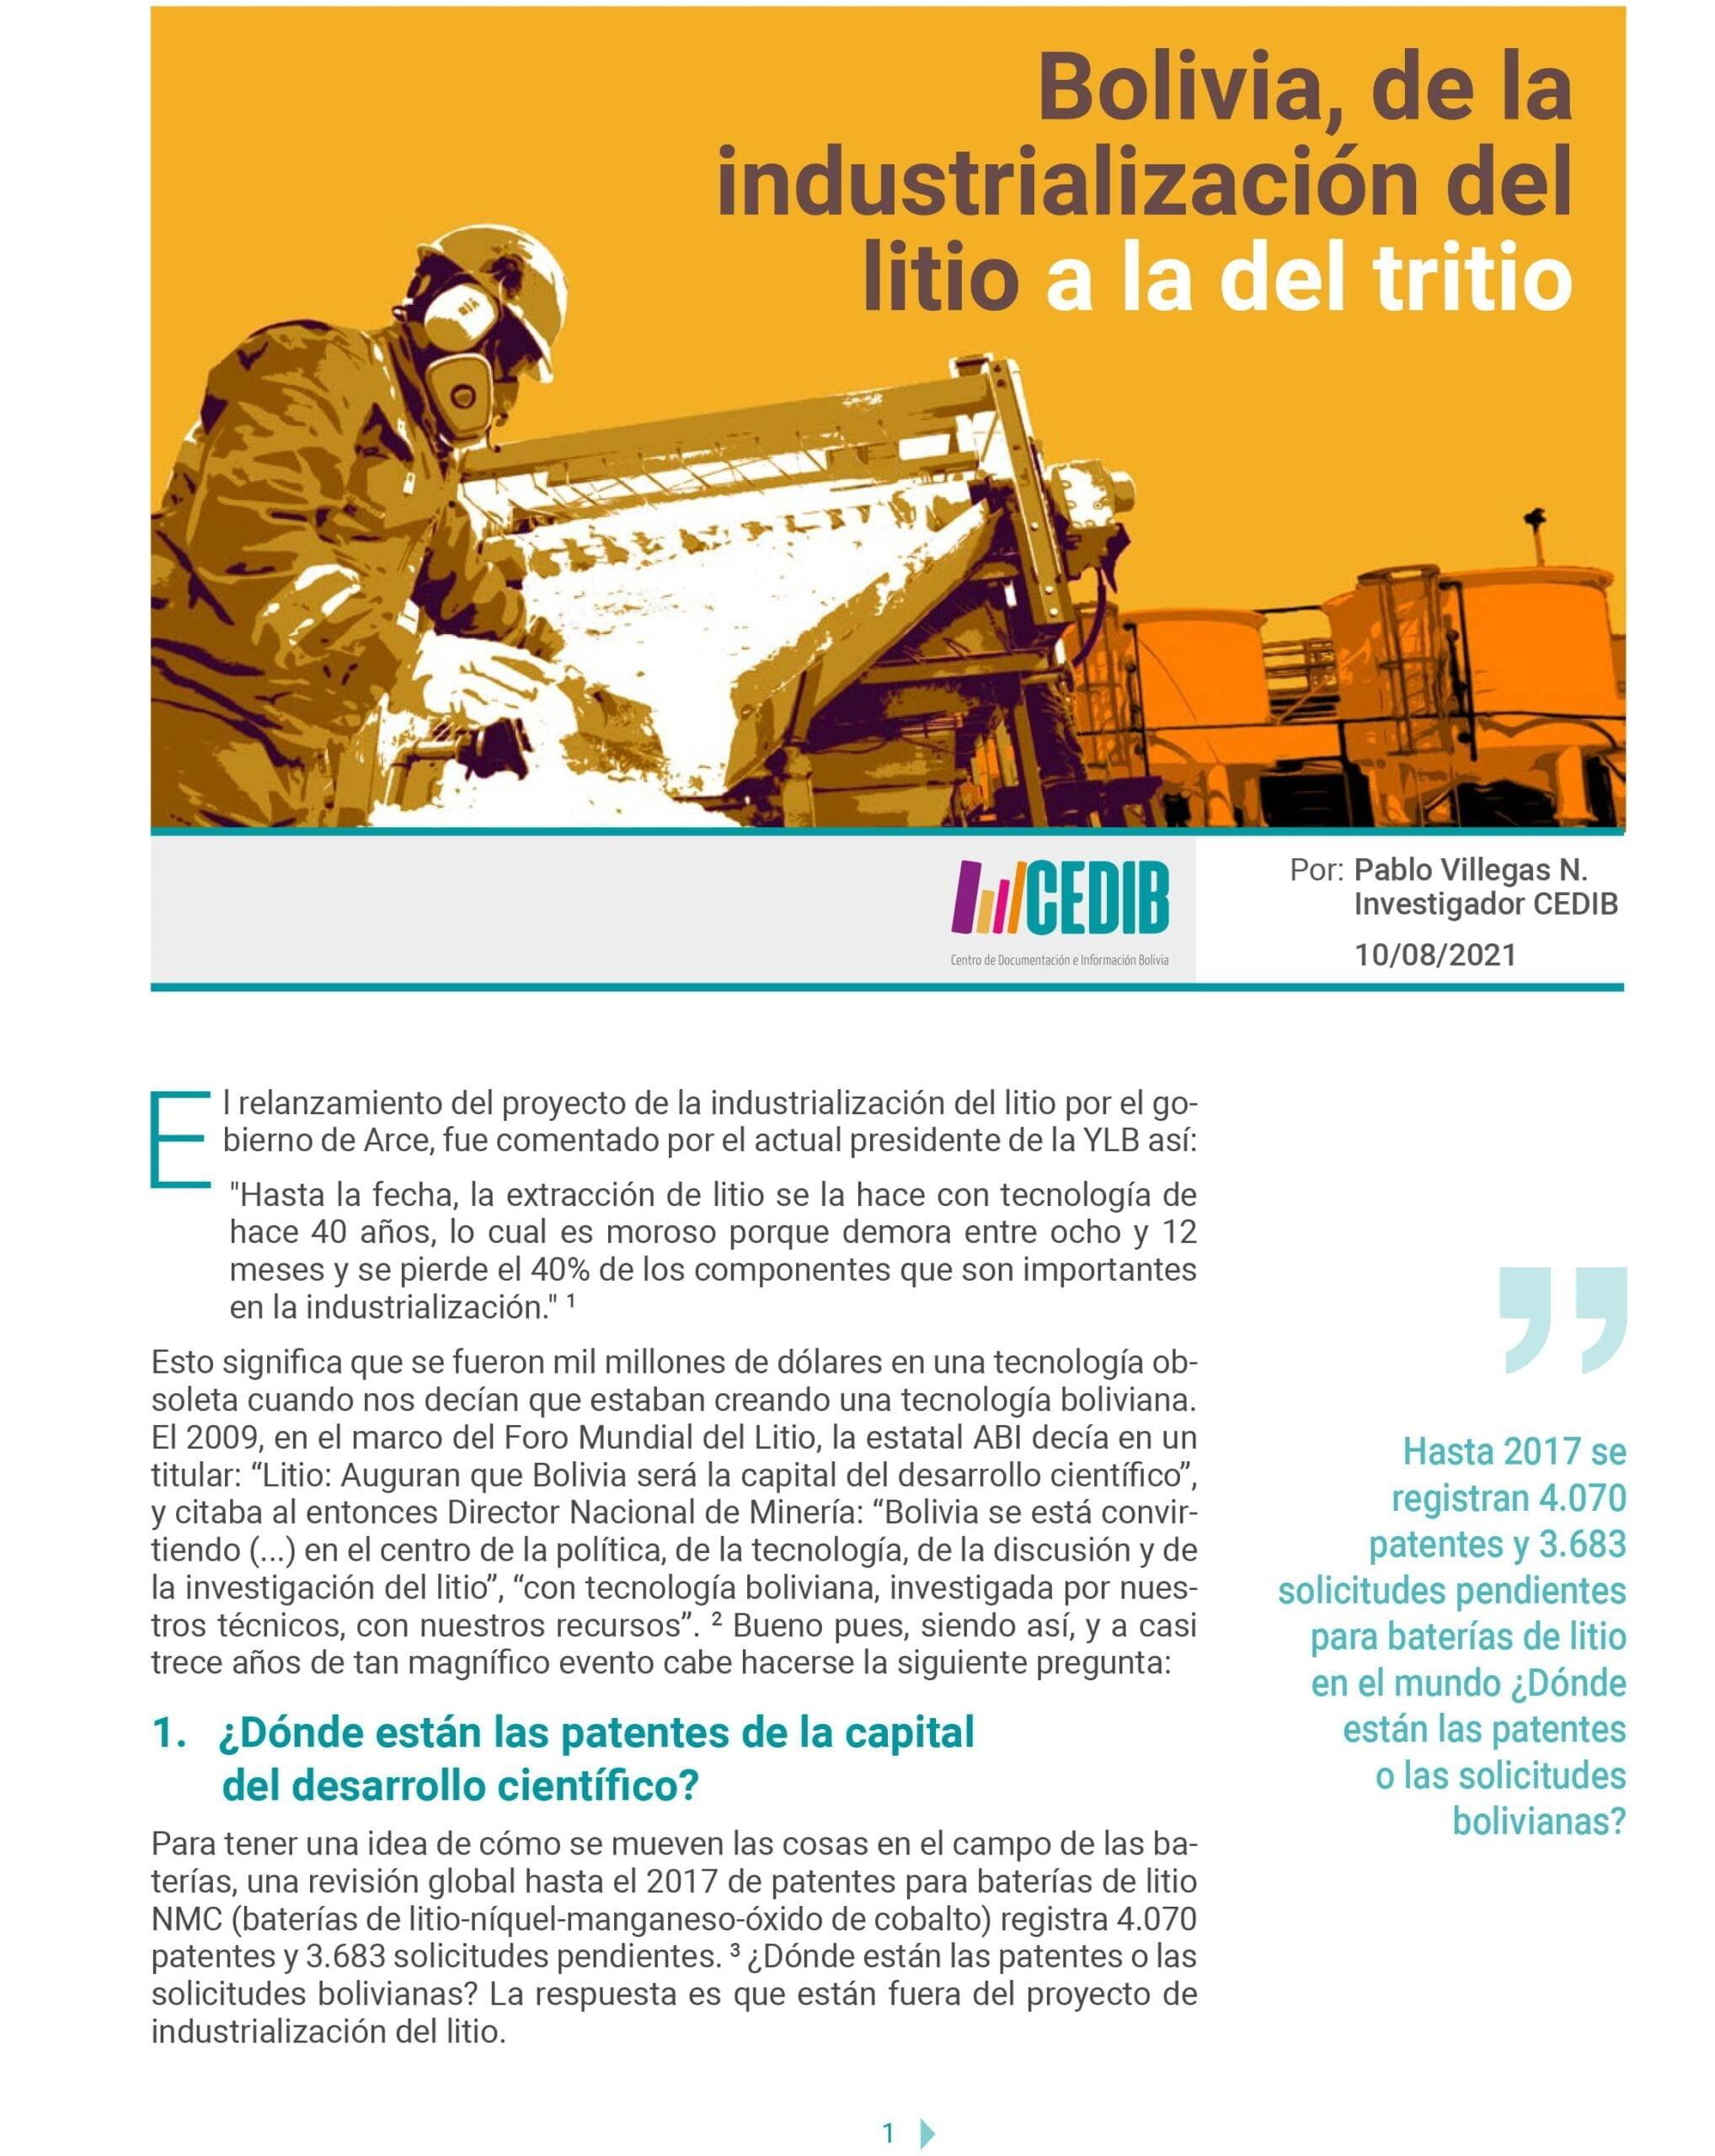 Bolivia, de la industrialización del litio a la del tritio